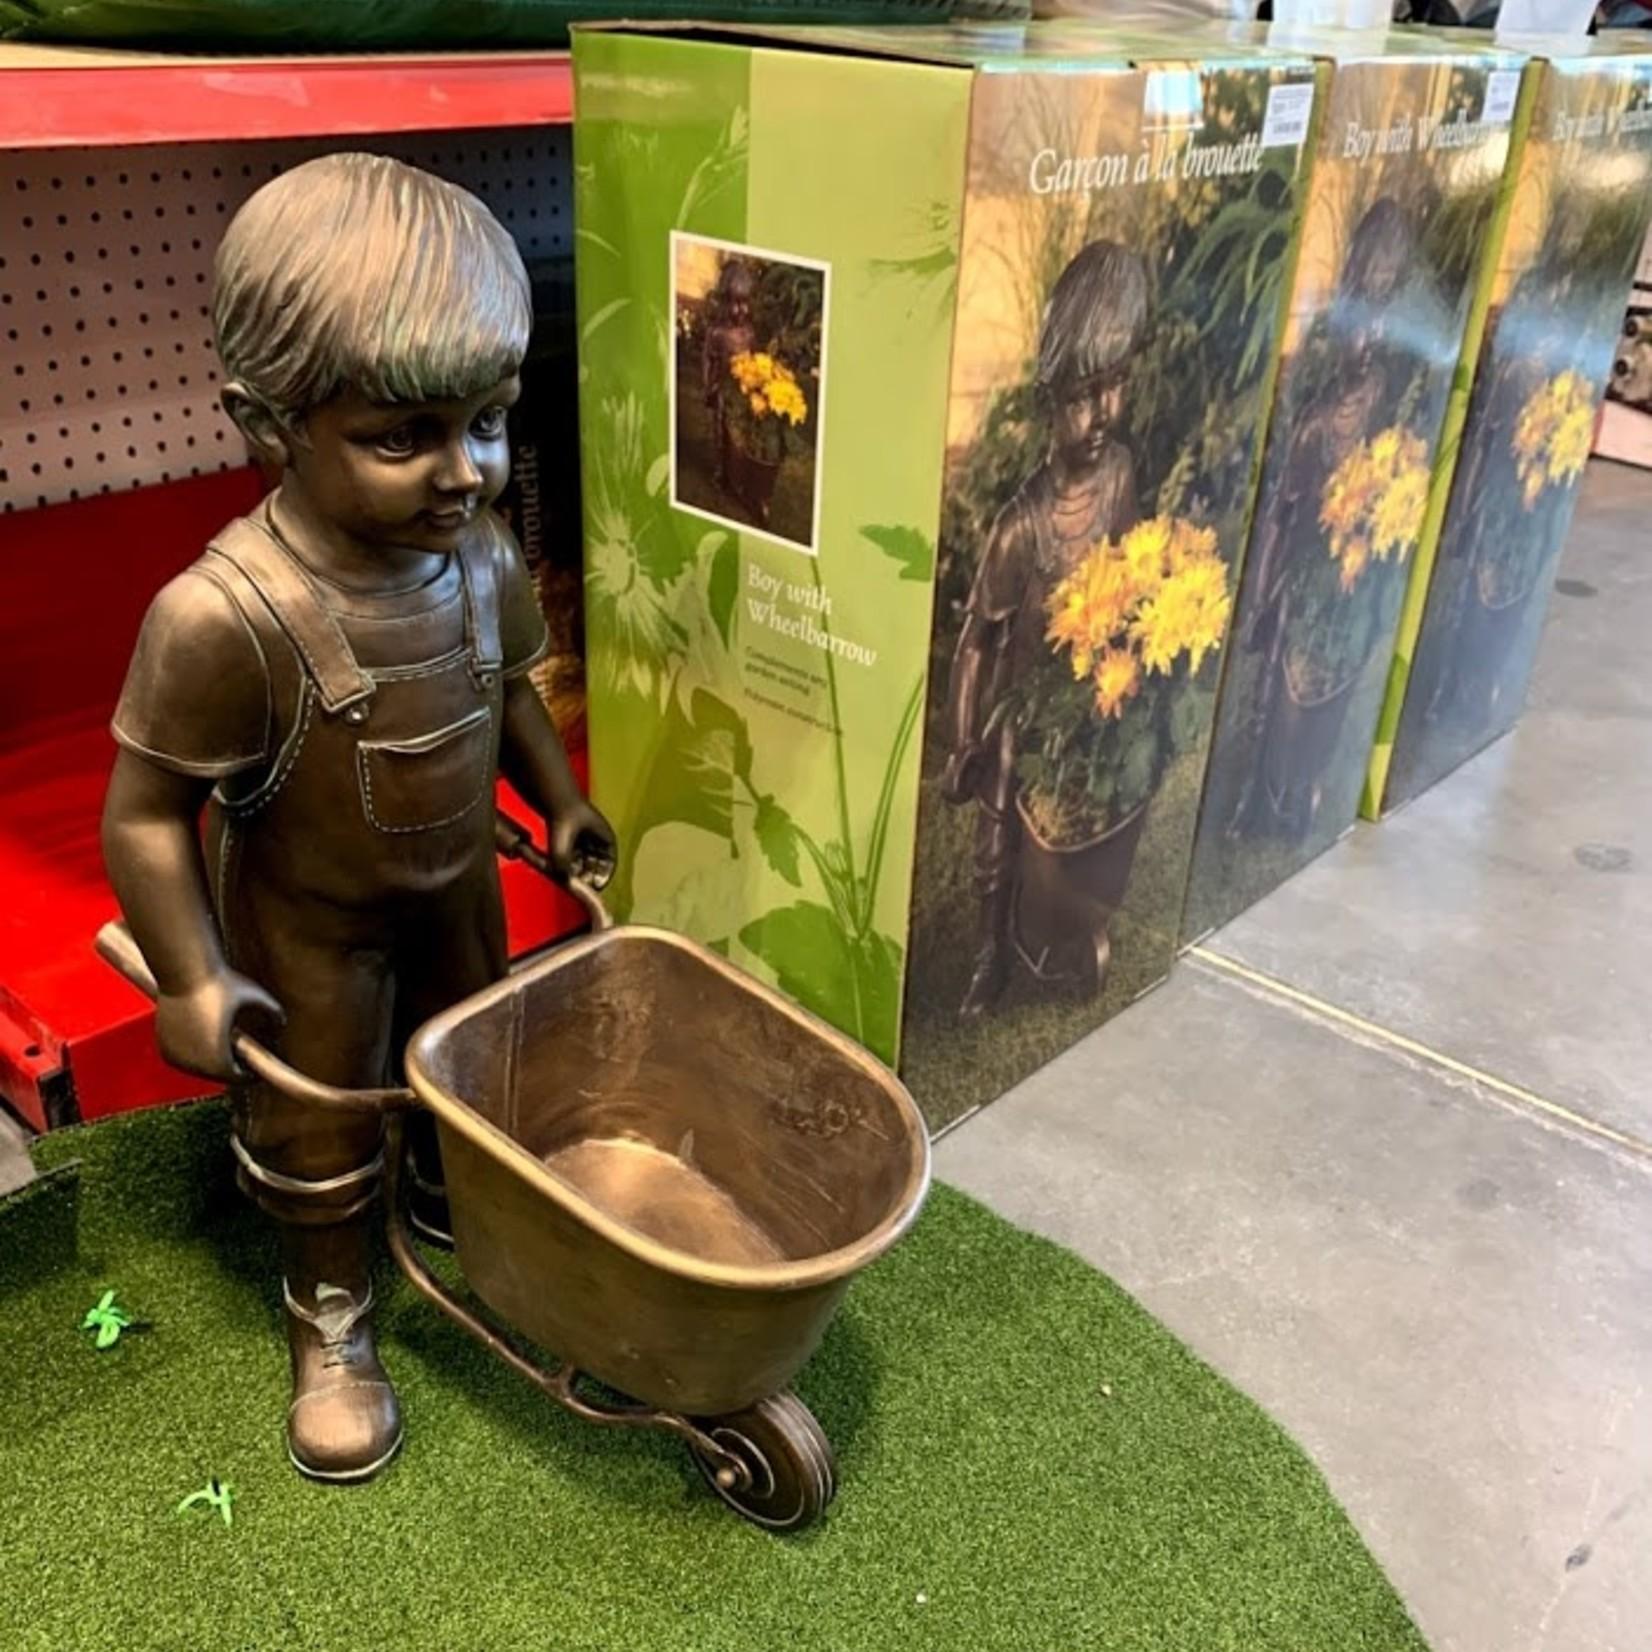 Boy with Wheelbarrow Garden Planter